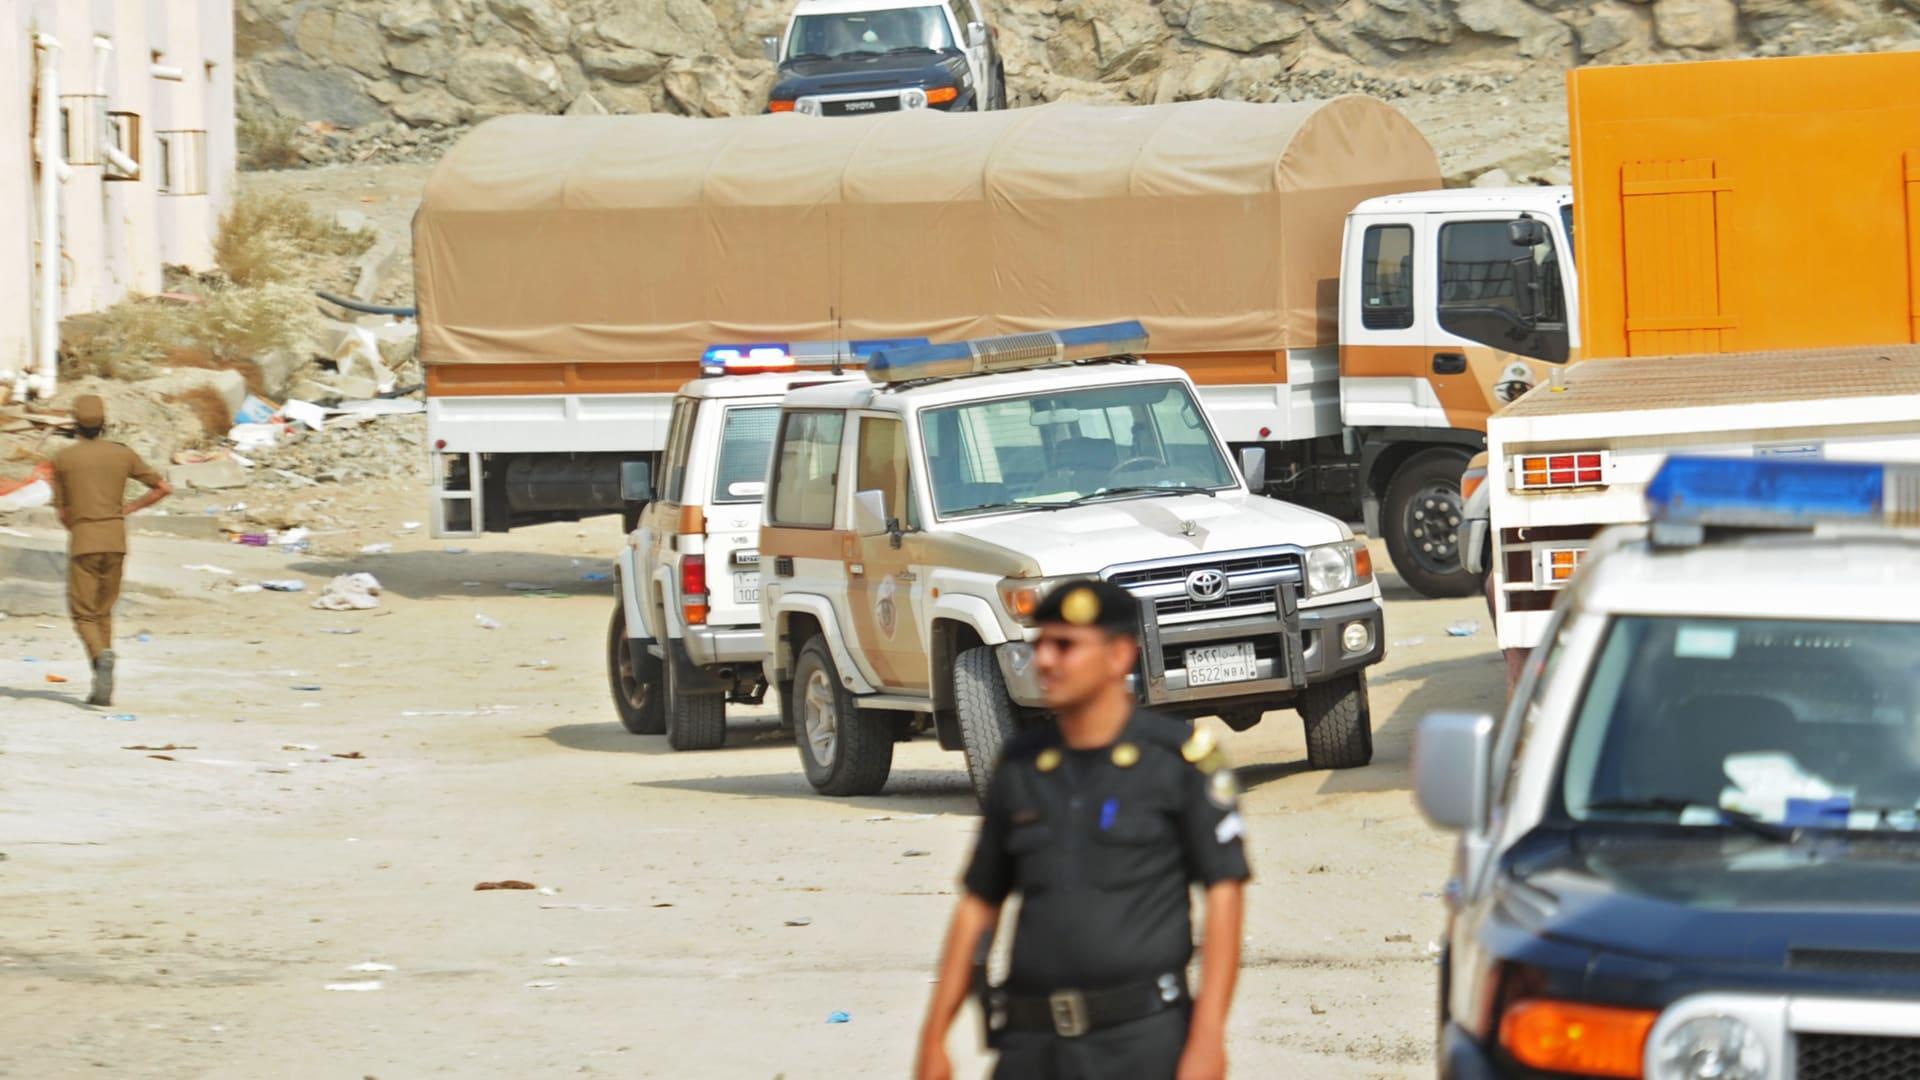 السعودية تلقي القبض على 7 أشخاص بتهمة التواصل مع الخارج